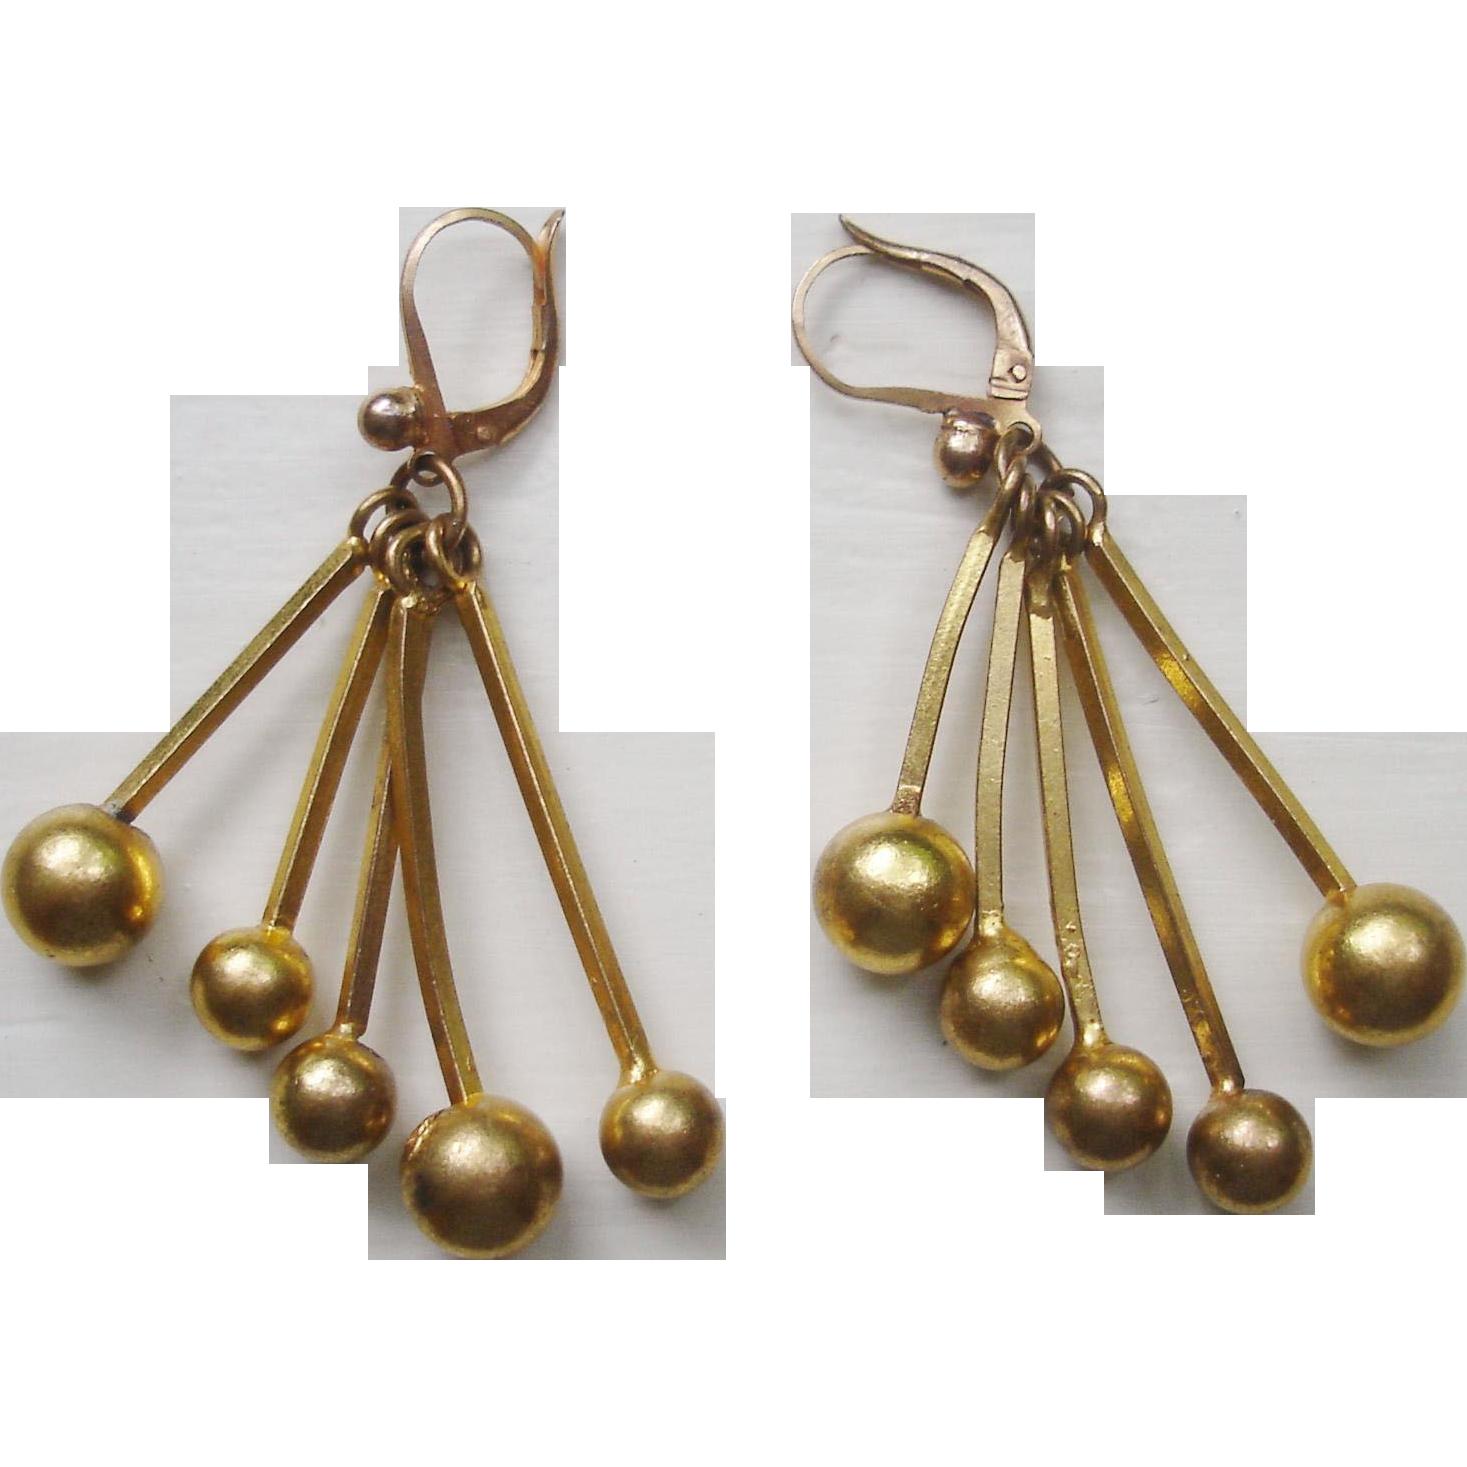 Vintage French Modernist Earrings, Gold Gilt